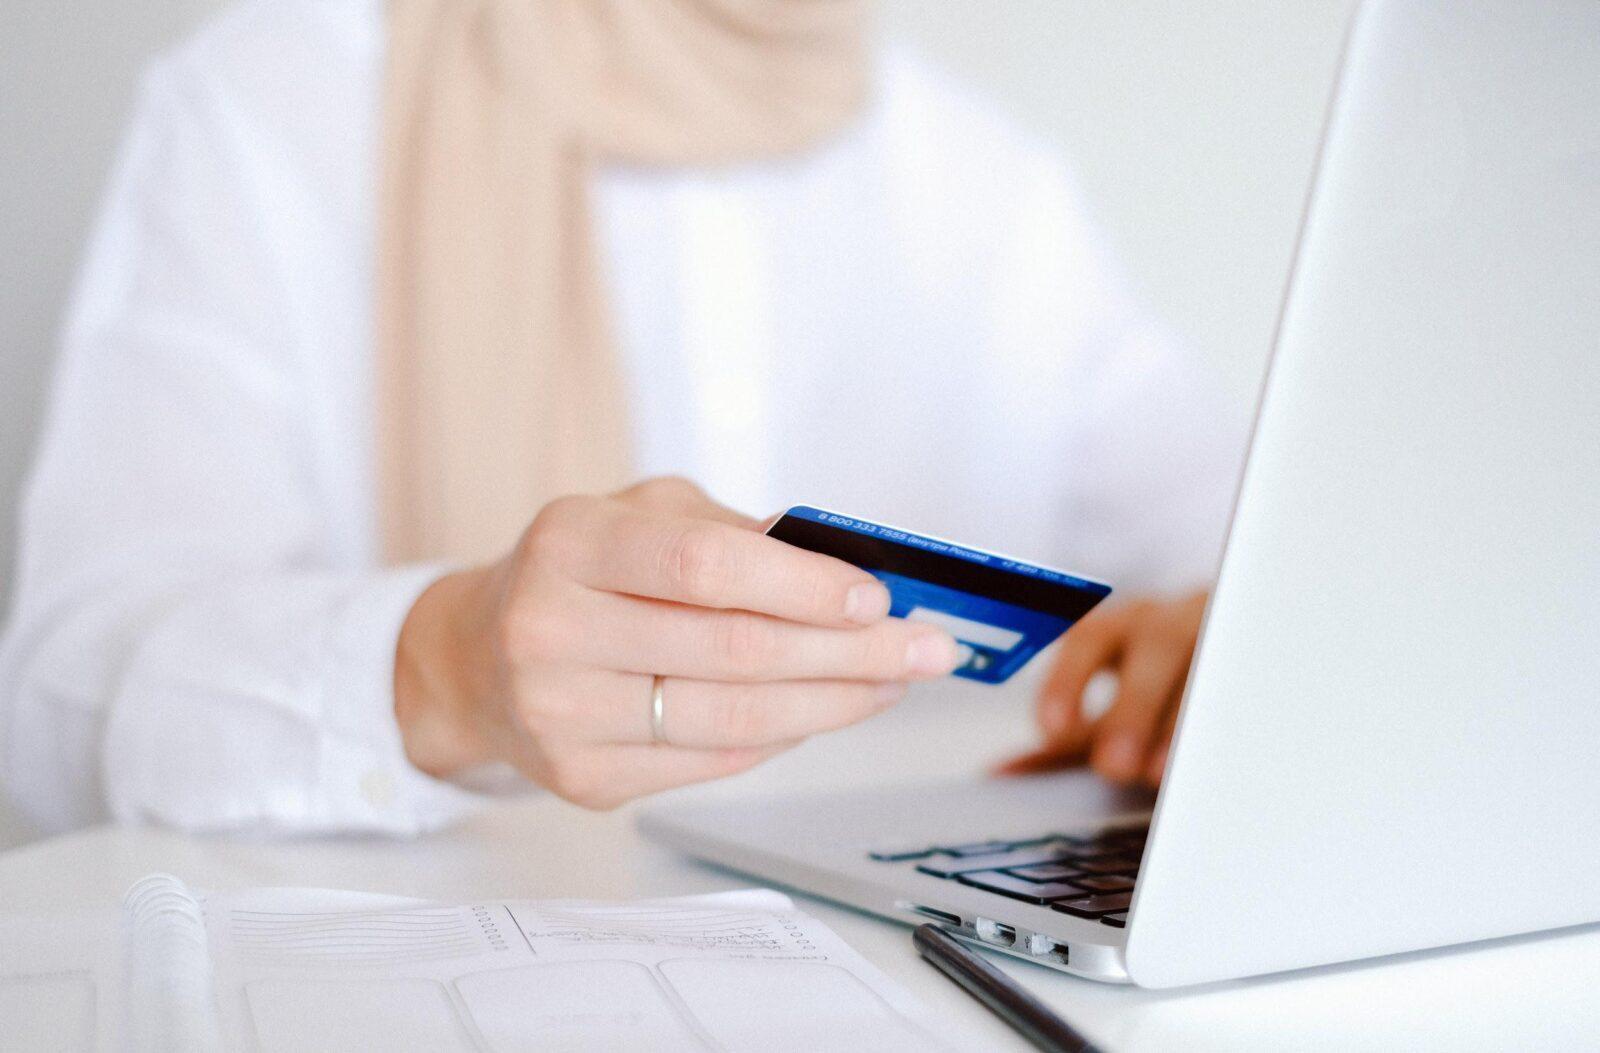 Descubra 13 segredos para poupar dinheiro nas compras online 1